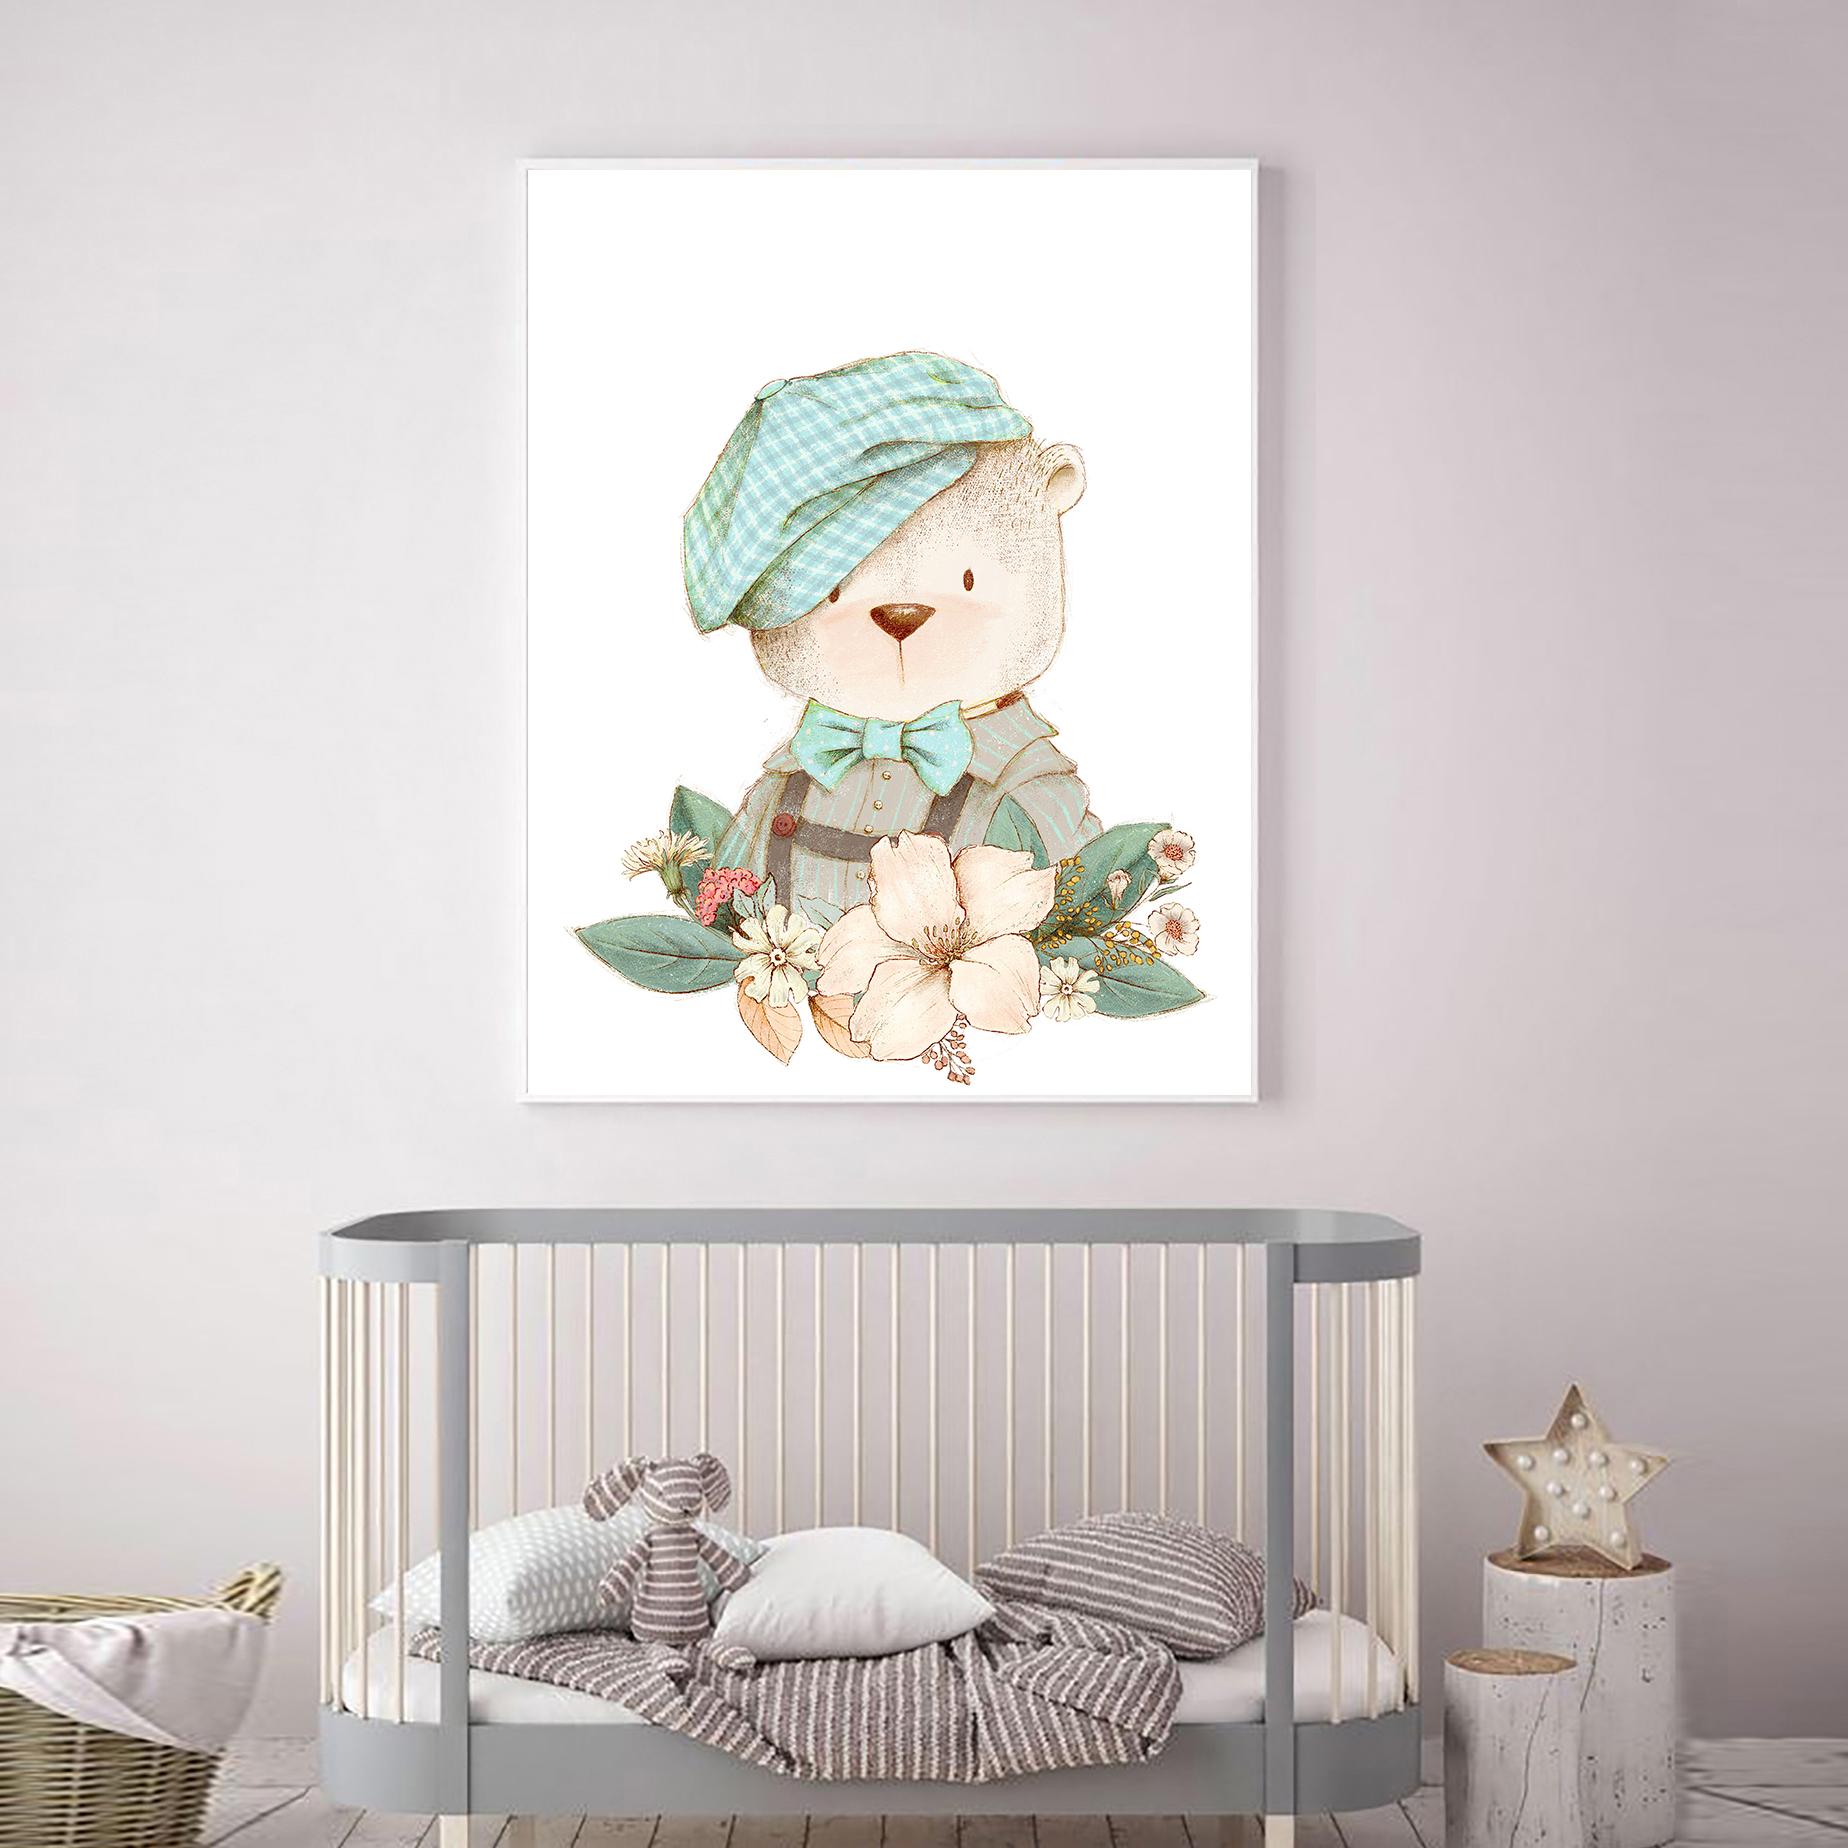 تابلو کودک و نوزاد مدل Elfap_bear101